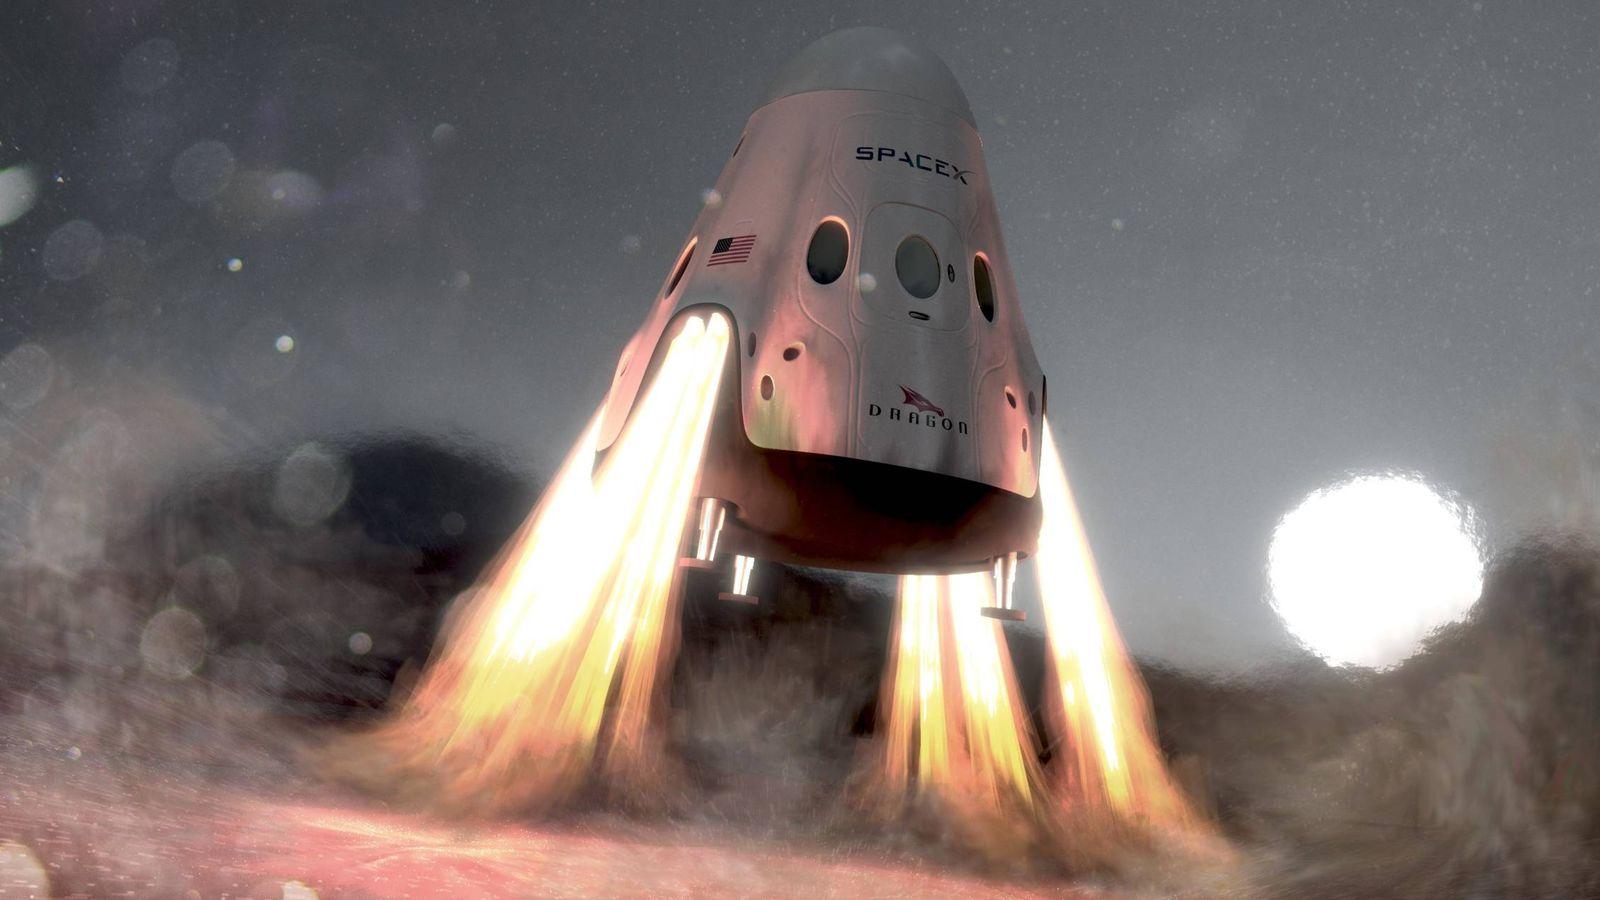 Foto: Boceto que simula el aterrizaje de una Red Dragon, de SpaceX, en Marte.